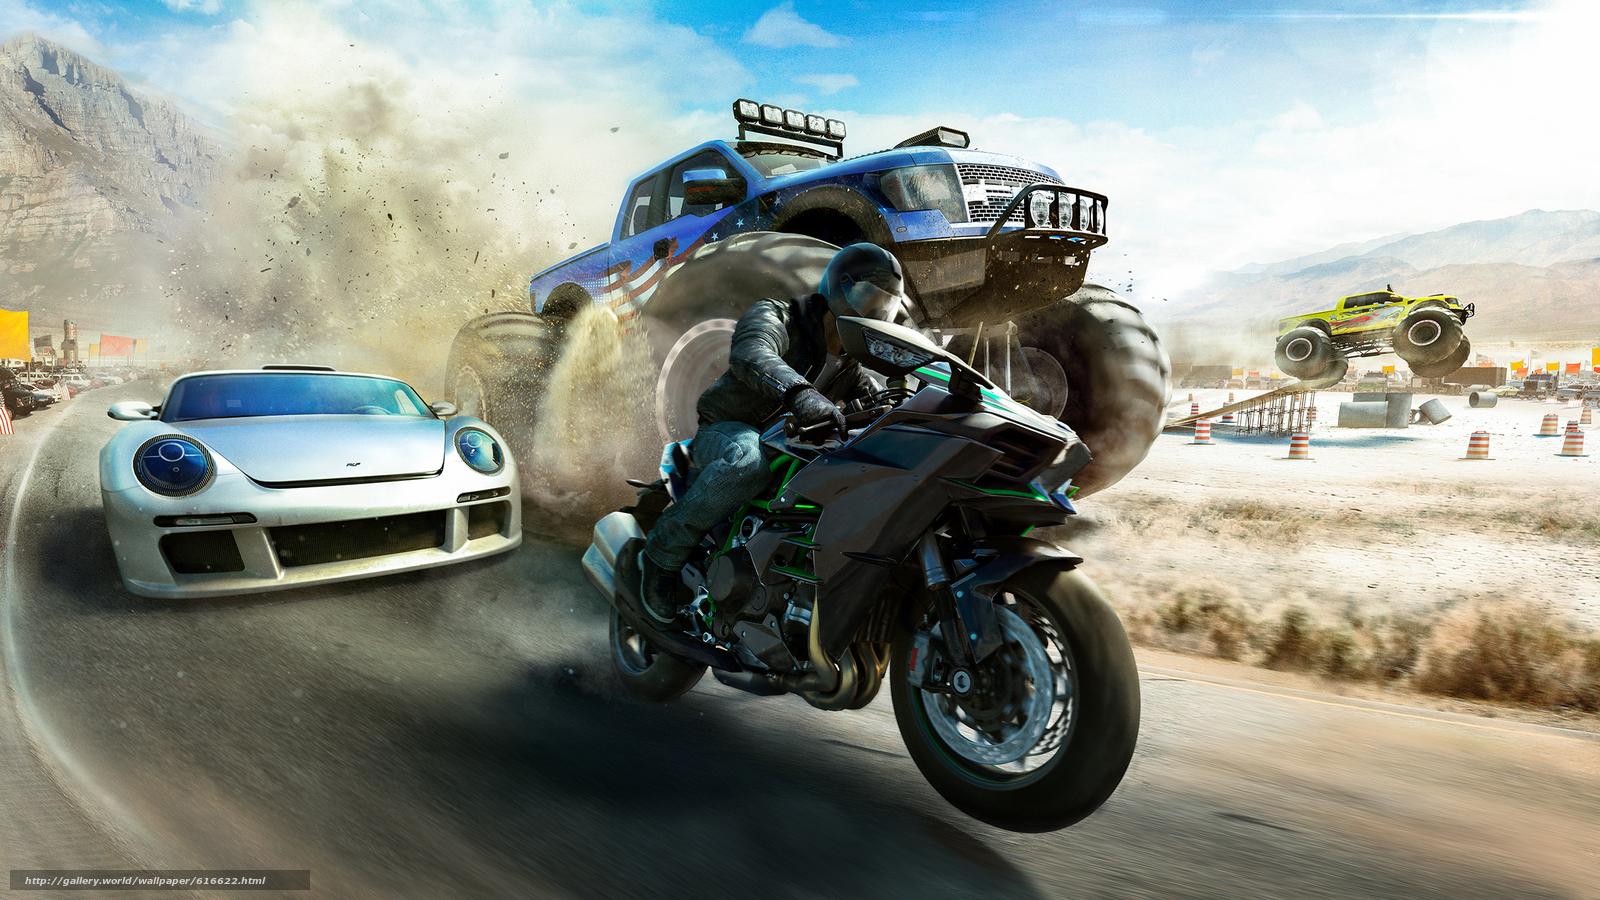 Download Hintergrund Die Besatzung: Wilde Run,  Rennen,  Motorradfahrer,  Maschinen Freie desktop Tapeten in der Auflosung 2500x1407 — bild №616622